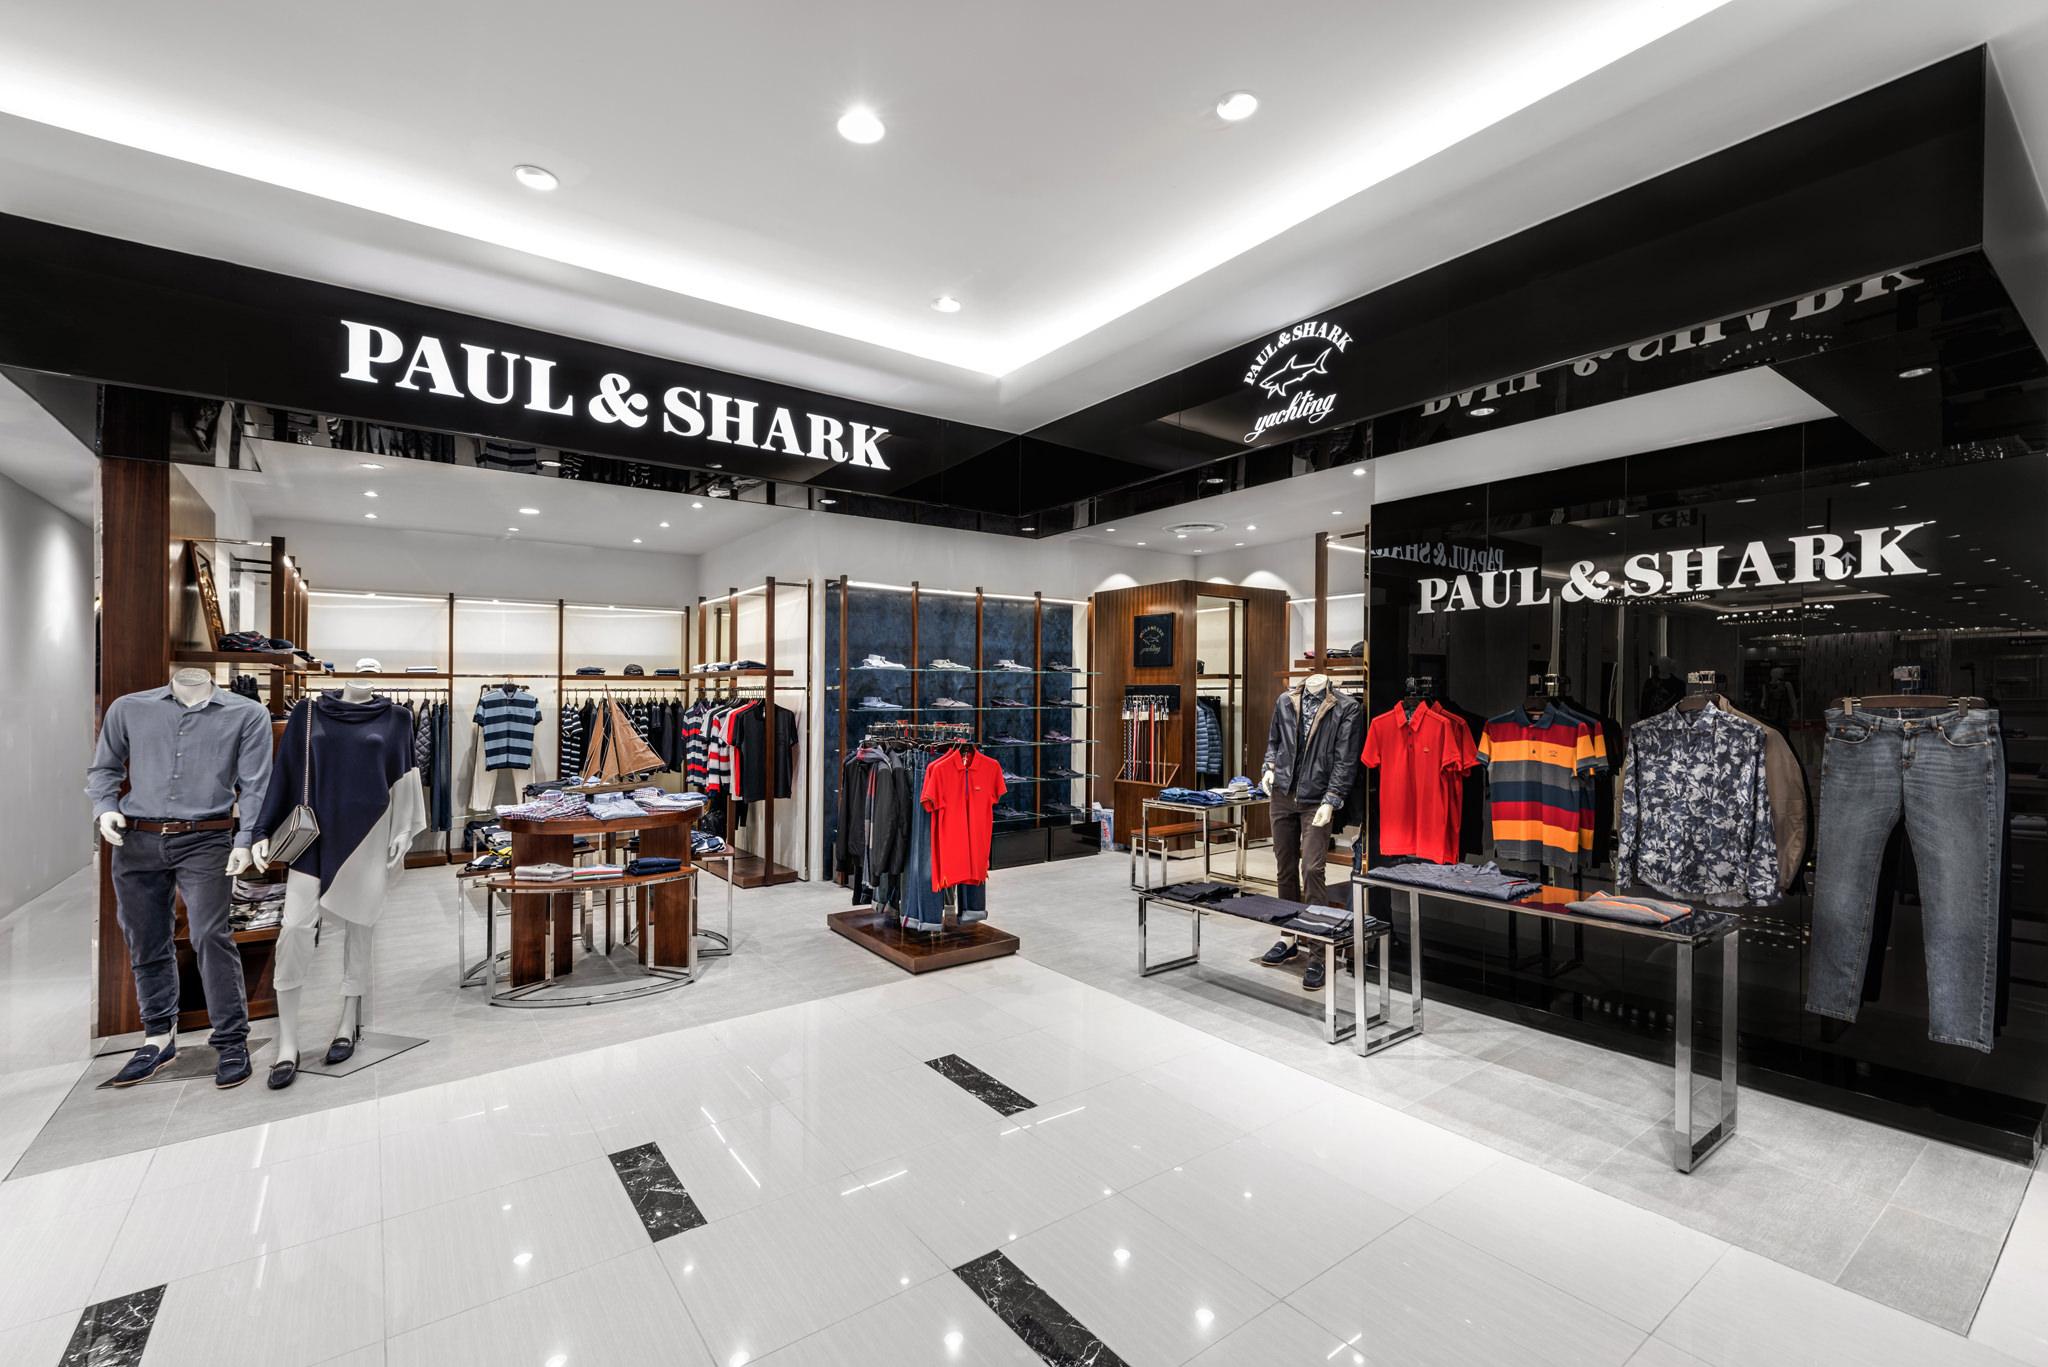 20160729 - Paul & Shark - HCM - Commercial - Interior - Store - Retouch 0001.jpg